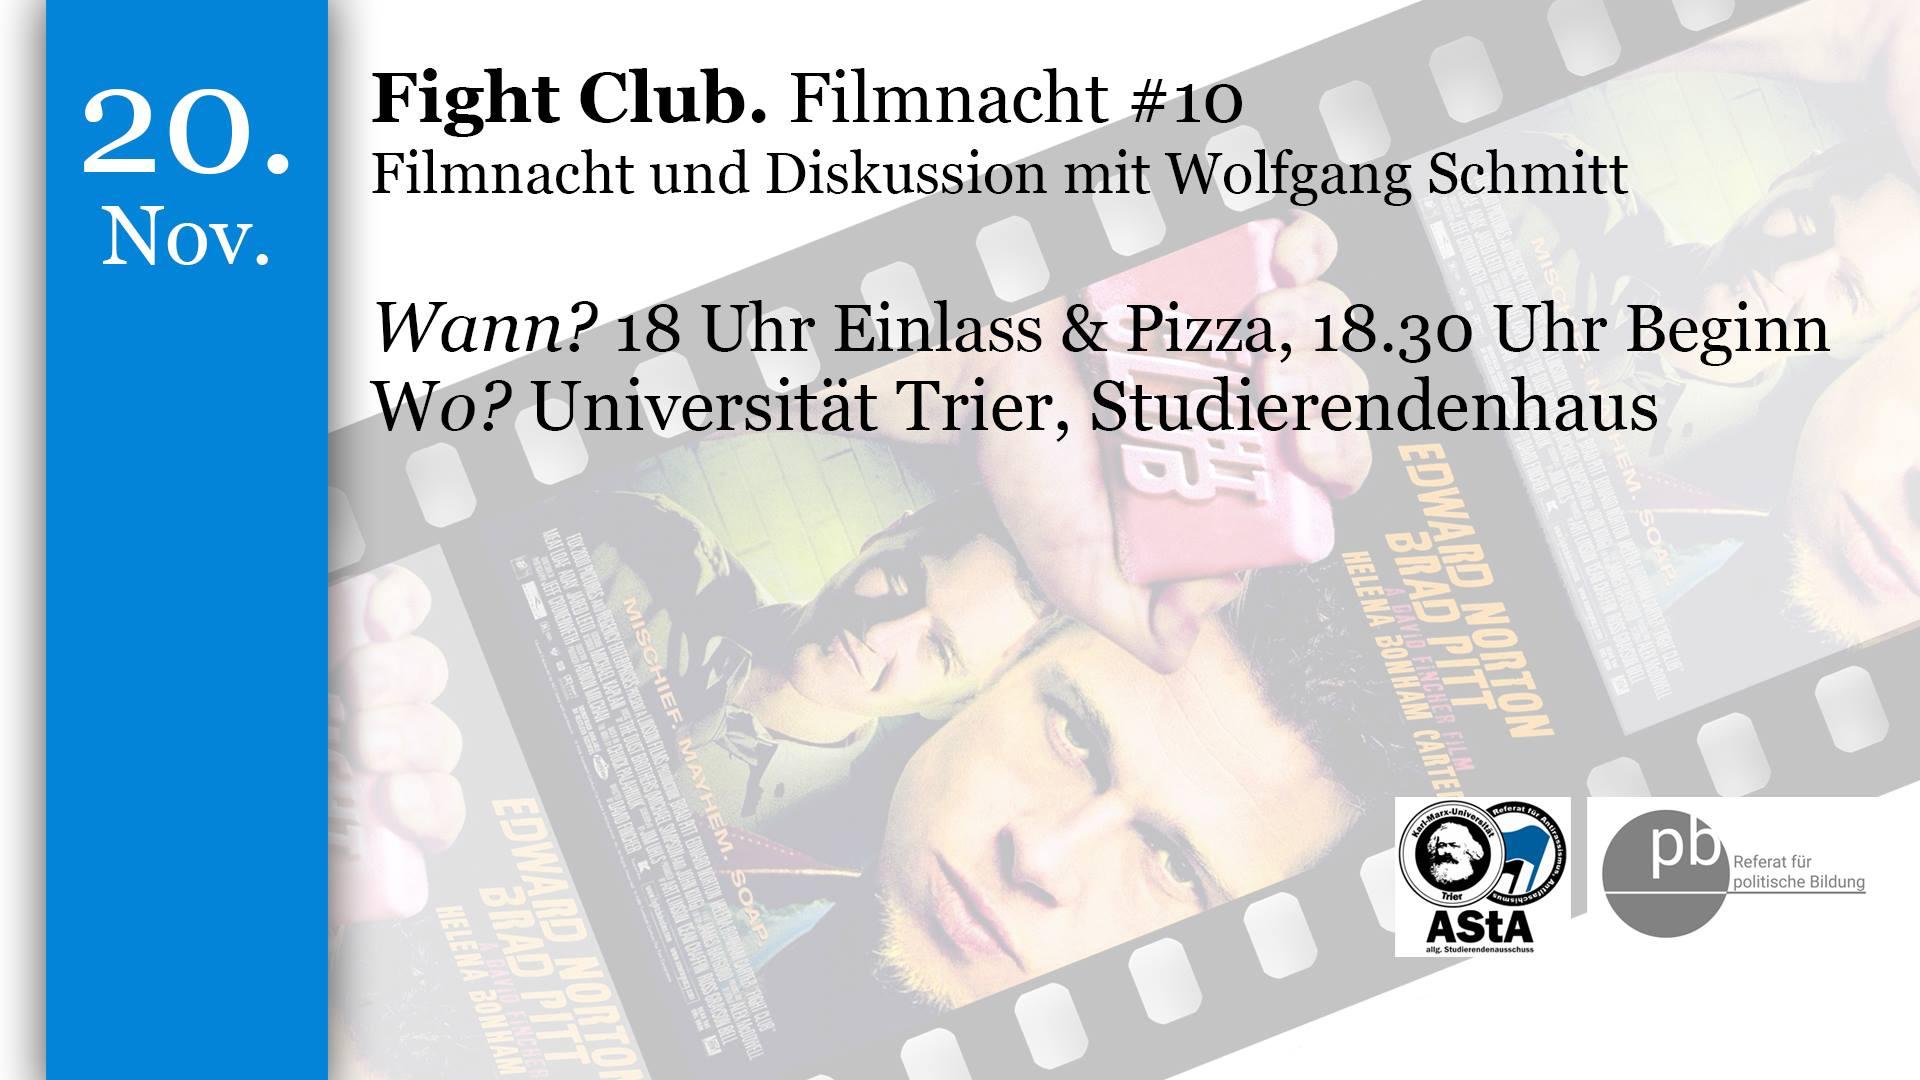 filmnacht10